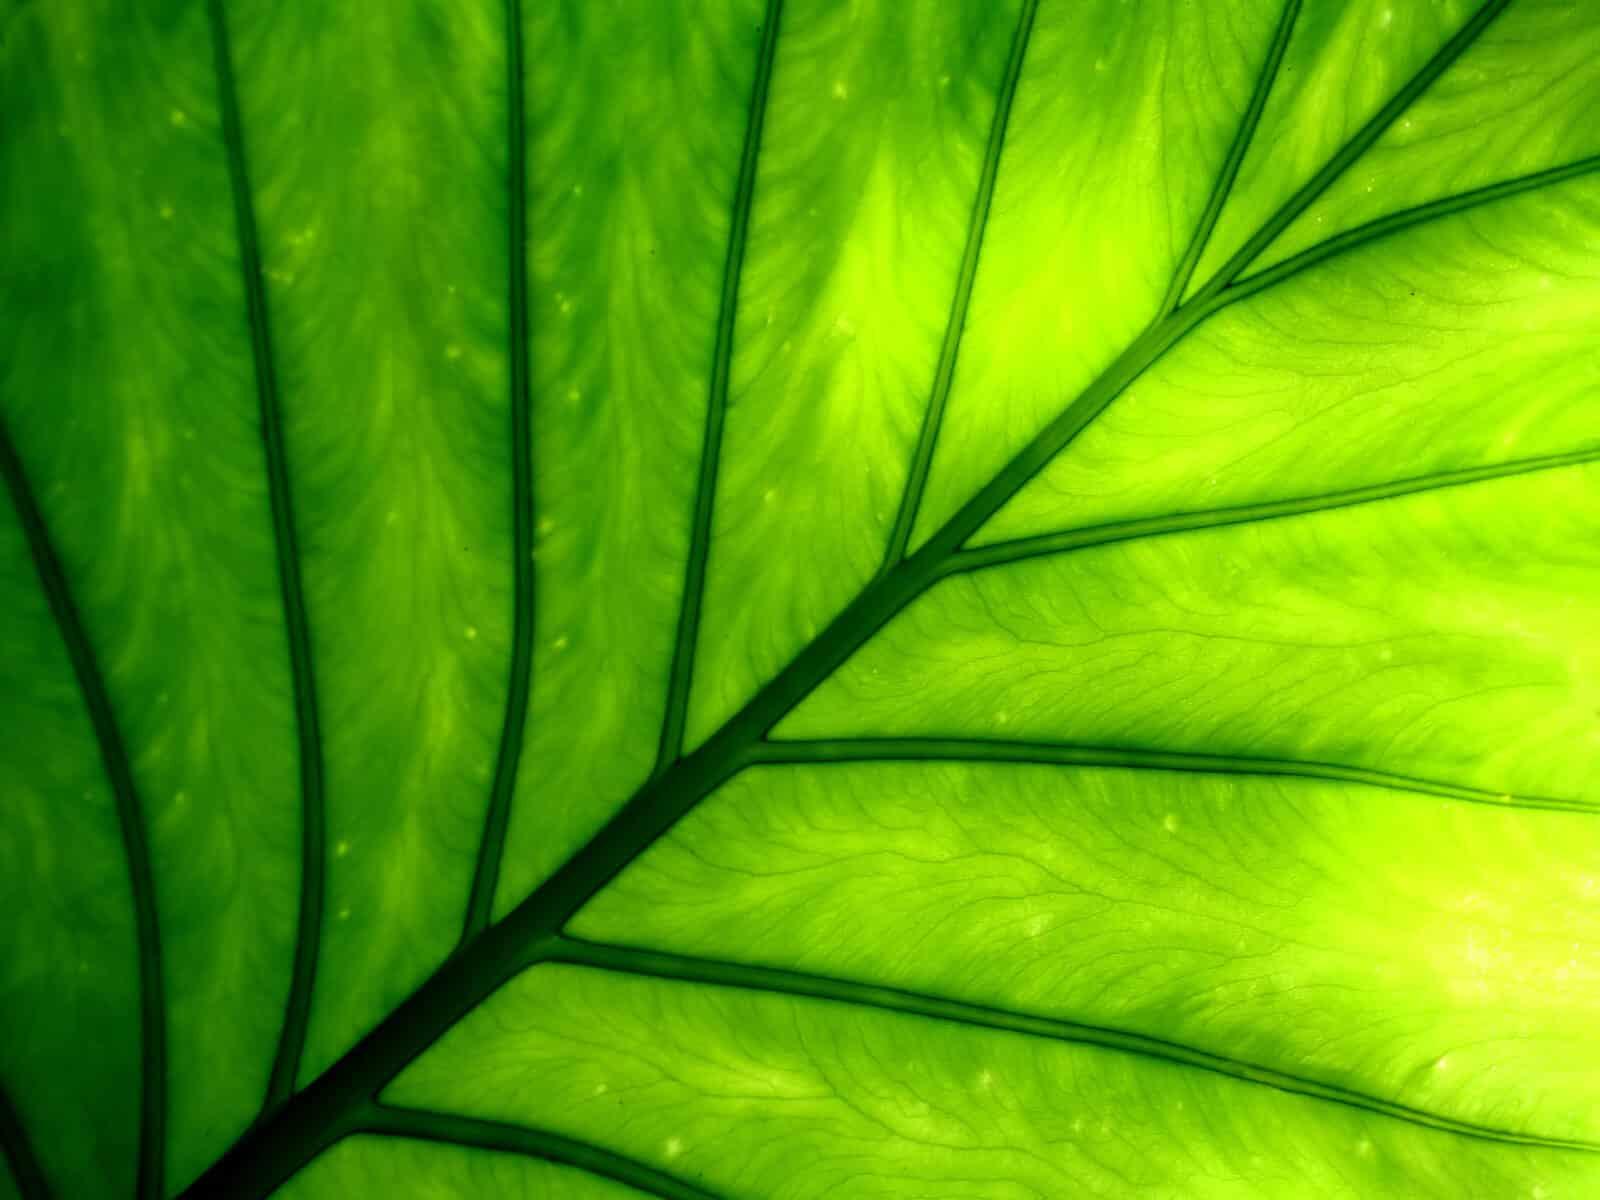 chlorophyll-1-1600x1200-3538438